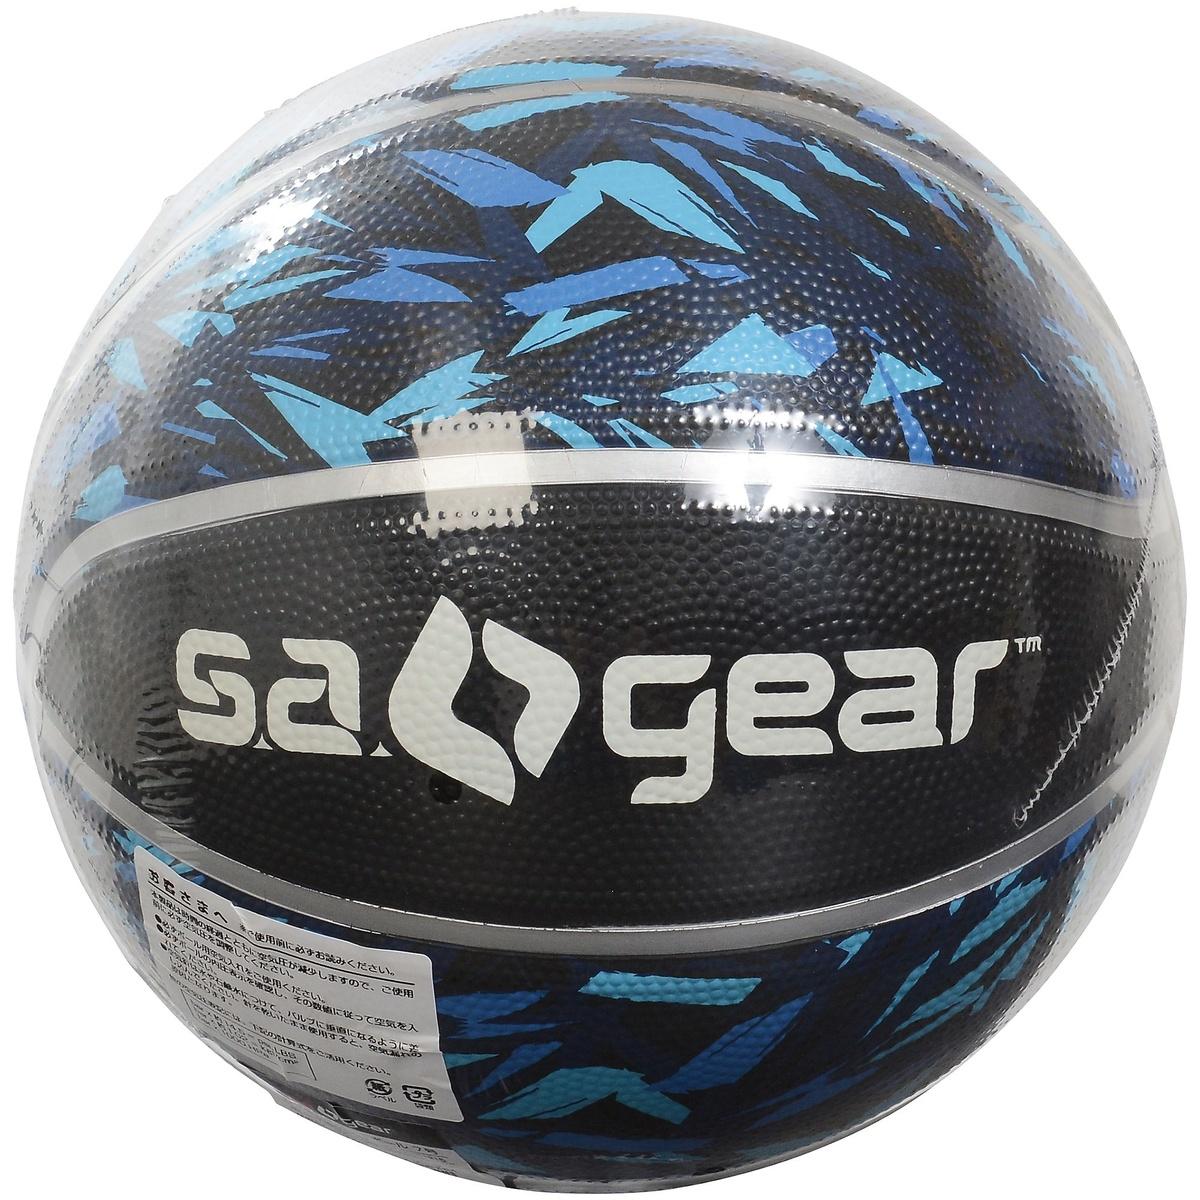 エスエーギア 最安値に挑戦 スポーツ フィットネス 本日限定 バスケットボール ボール 7号ボール SA-Y19-003-047 ブルー s.a.gear 7ゴウ カラーバスケットボールBLU